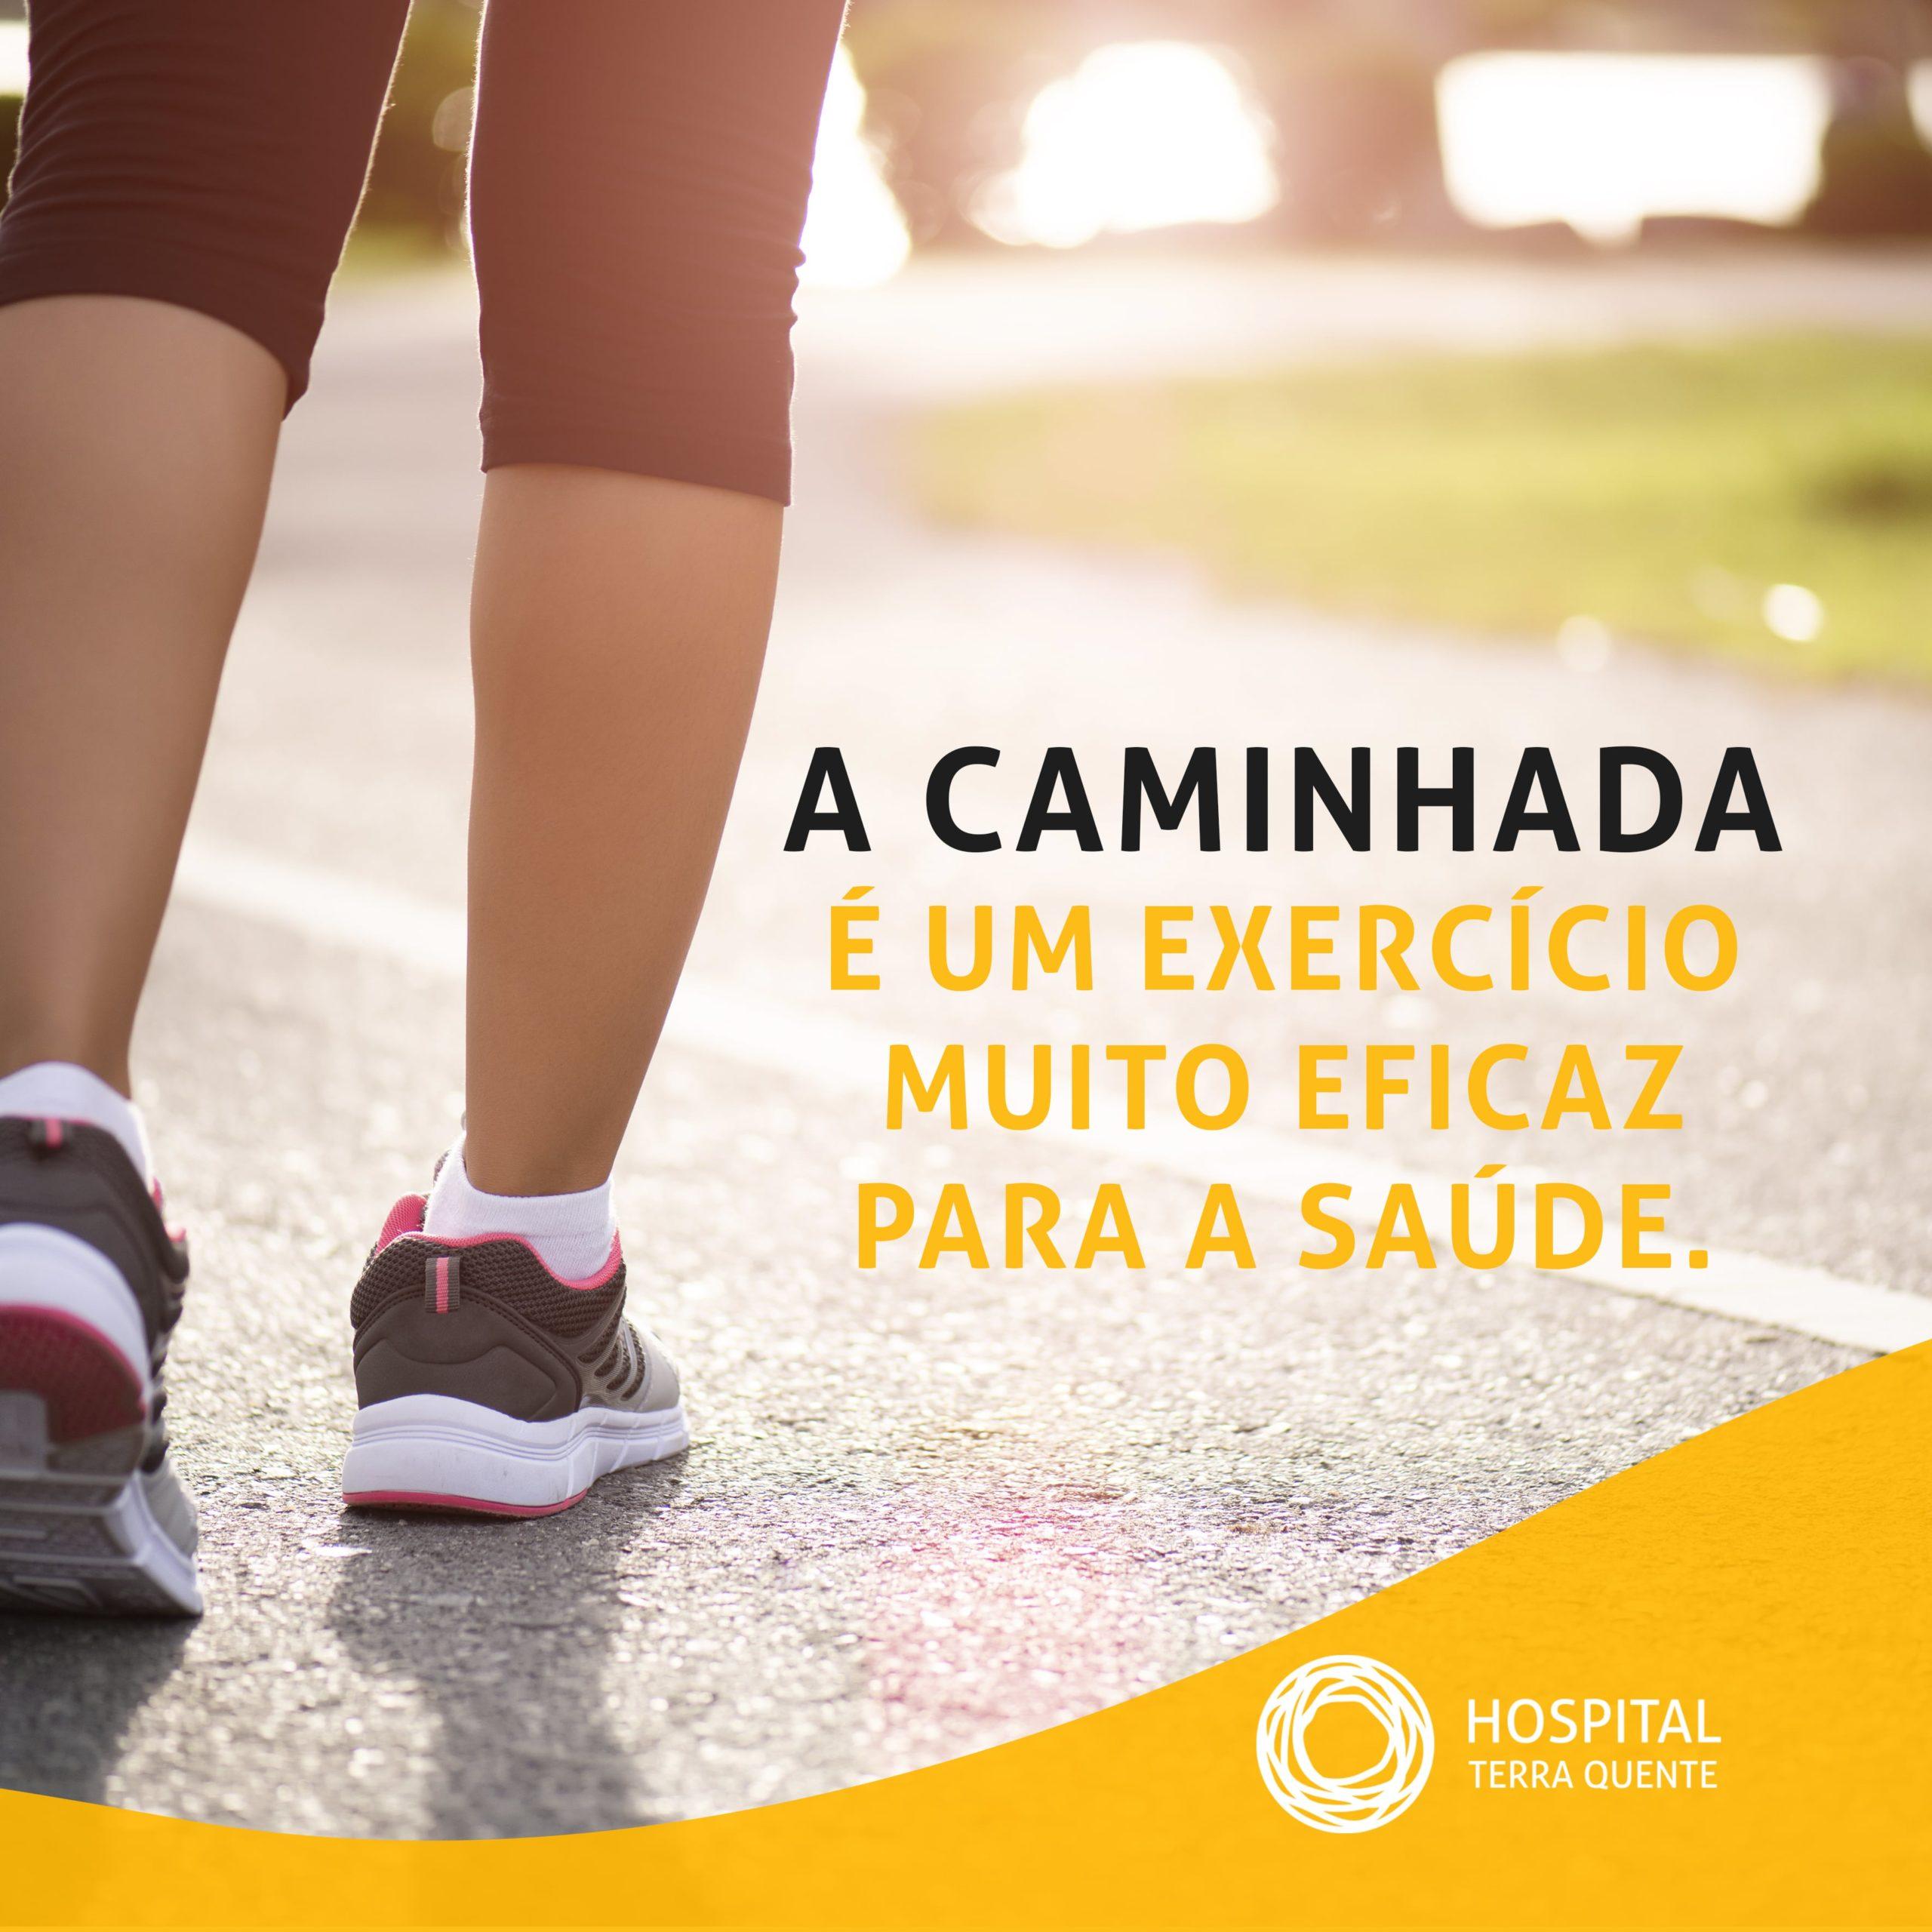 Sabia que uma caminhada de 30 minutos pode trazer-lhe mais saúde e felicidade?